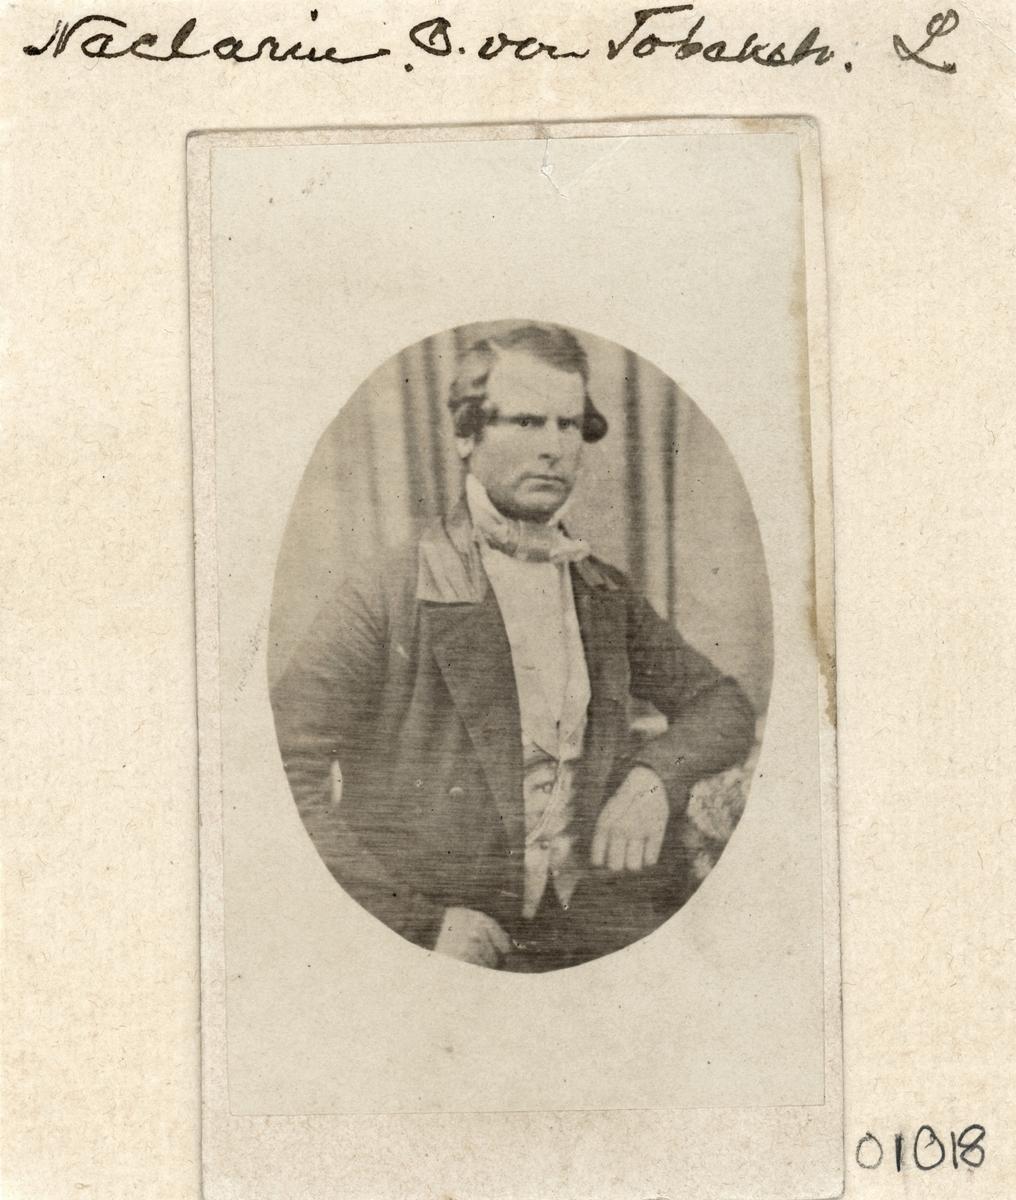 Enligt påskrift porträtt av tobakshandlaren Nacklarin[?]. Vid genomlysning, se bild 2, snarare Nachreij. Rimligtvis densamme som: Christoffer Fredrik von Nackreij. Född i Rogslösa 1806 som son till hovrättsrådet Ture von Nackreij och dennes andra hustru, Juliana Ulrika Gyllenram. Volontär vid Västgötadals regemente redan från 6 års ålder. Vidare följde han en militär karriär till avsked som underlöjtnant 1836. Därefter tobakshandlare i Linköping i kompanjonskap med tobaksfabrikör Jon Asklund. Gift 1829 med Margareta Horn af Åminne, född i Slaka 1792.